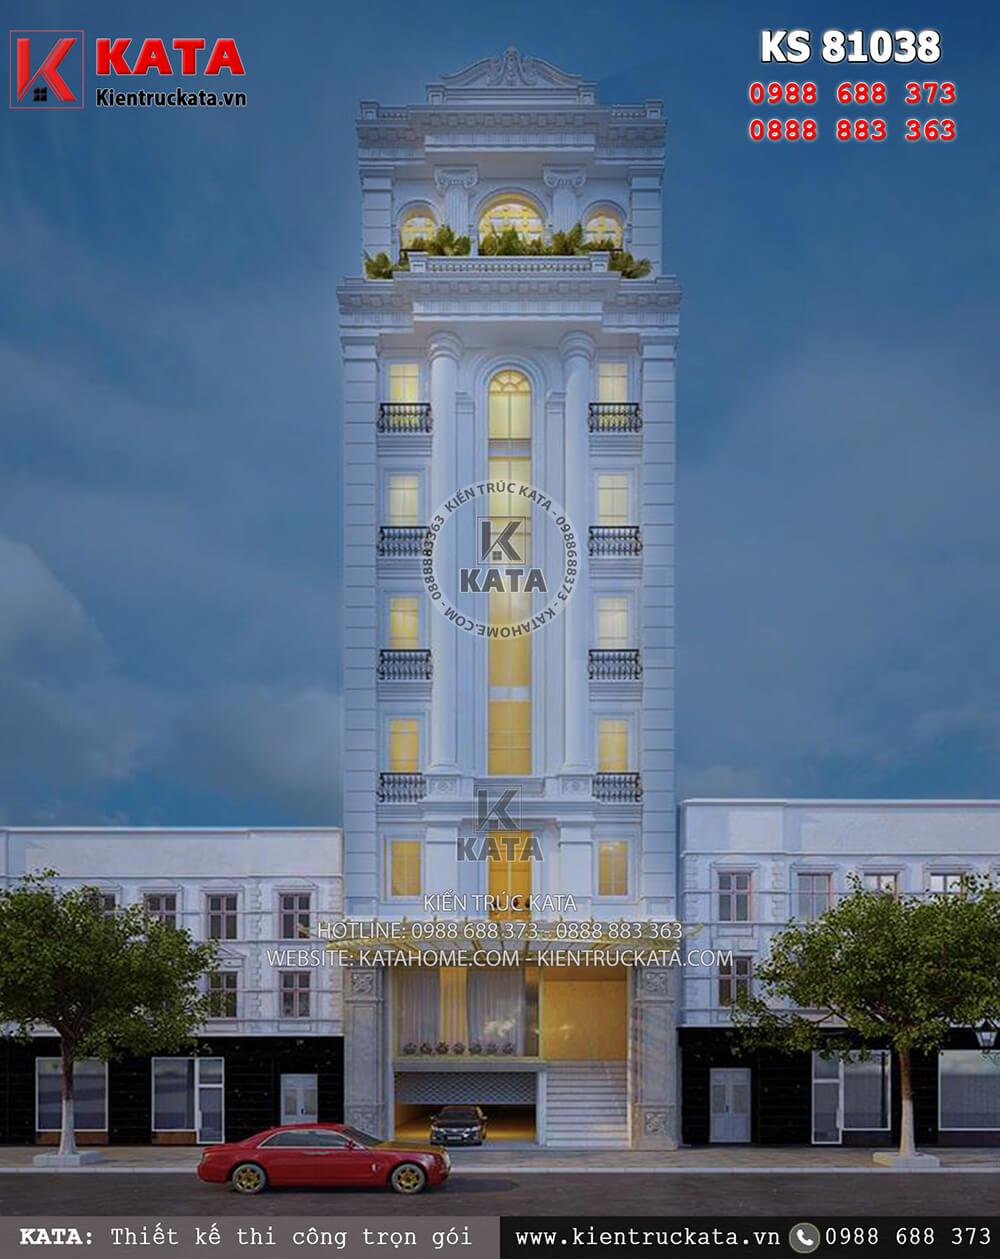 Mẫu khách sạn 3 sao đẹp mặt tiền 8m tại Quảng Ninh - Mã số: KS 81038